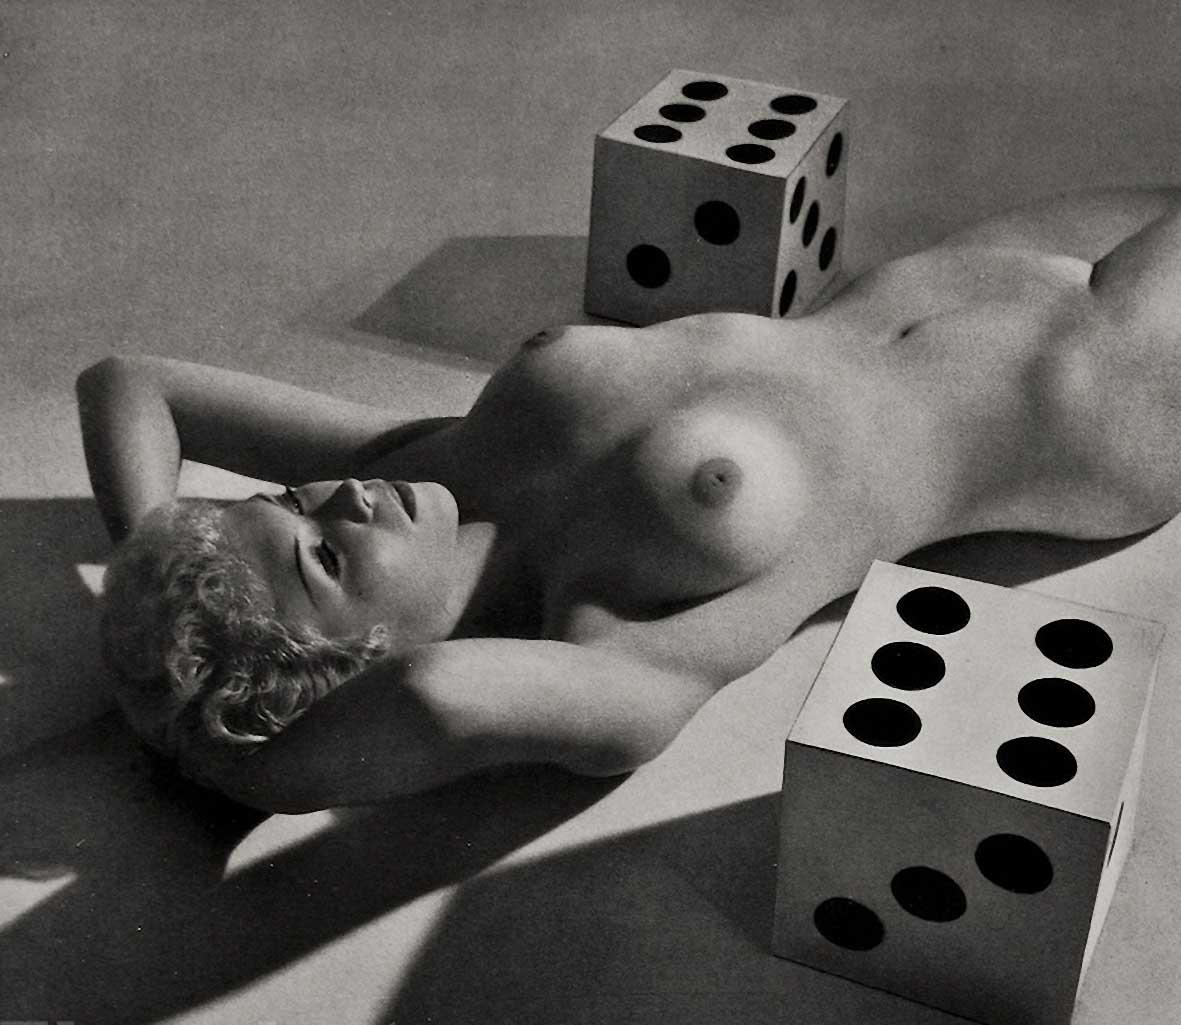 Zoltán Verre Femme nue étude, jeu de dés., 1950.